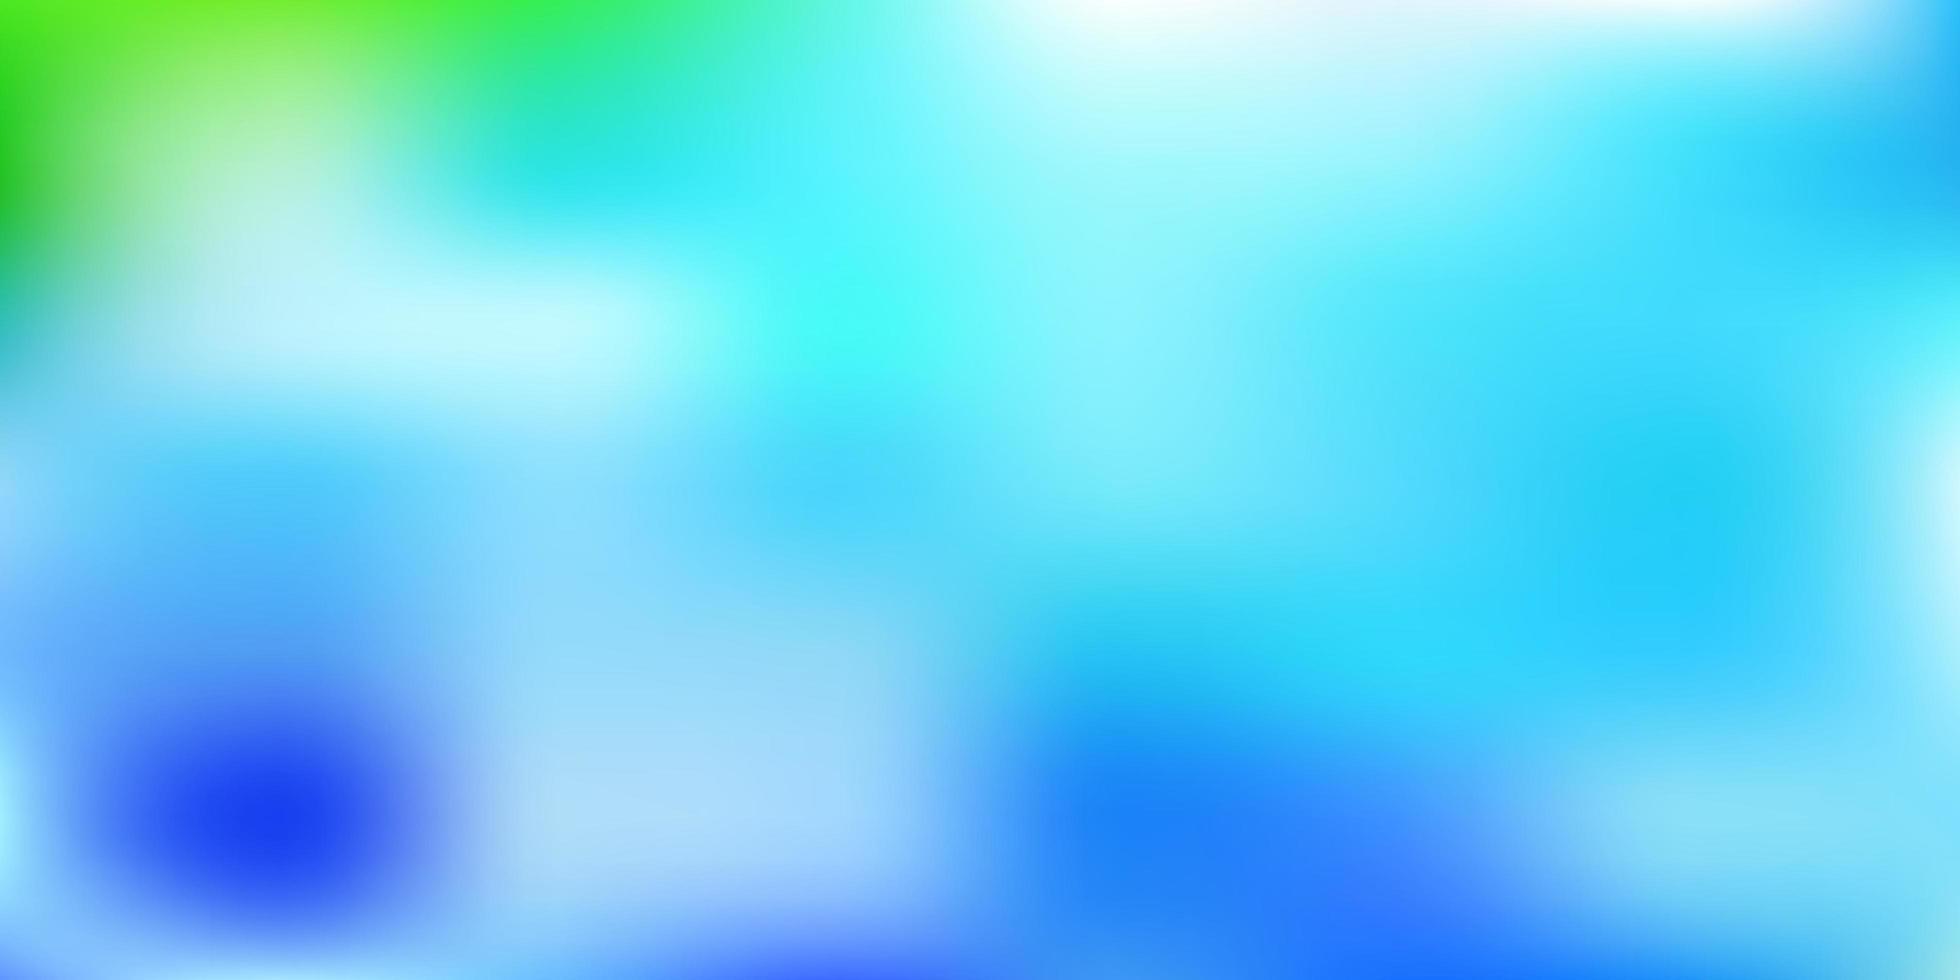 lichtblauw, groen vector vervagen sjabloon.